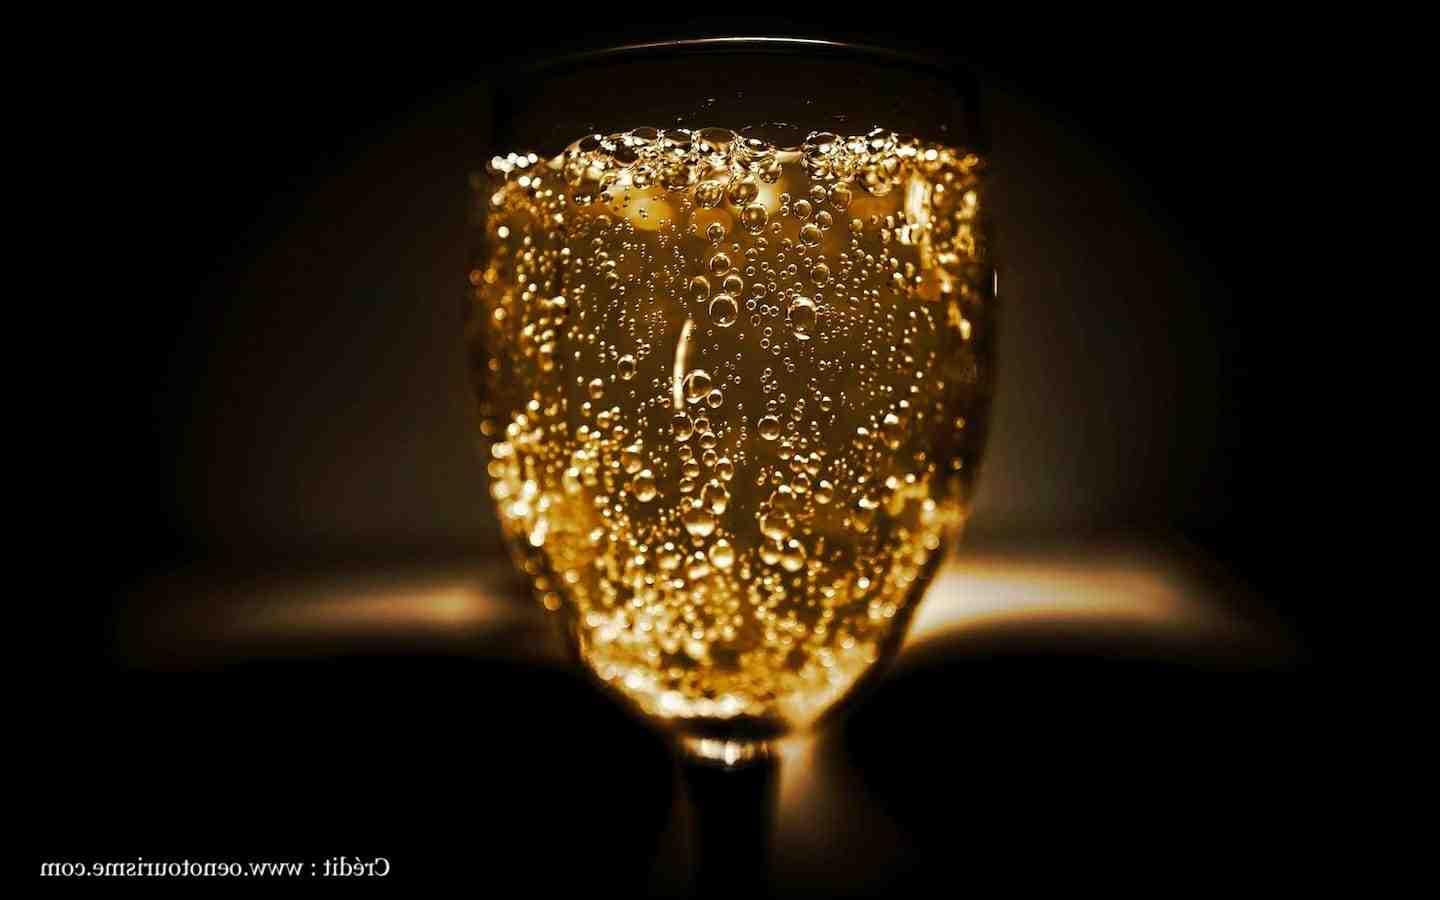 Quel nom porte le vin pétillant produit près de la ville de Reims ?